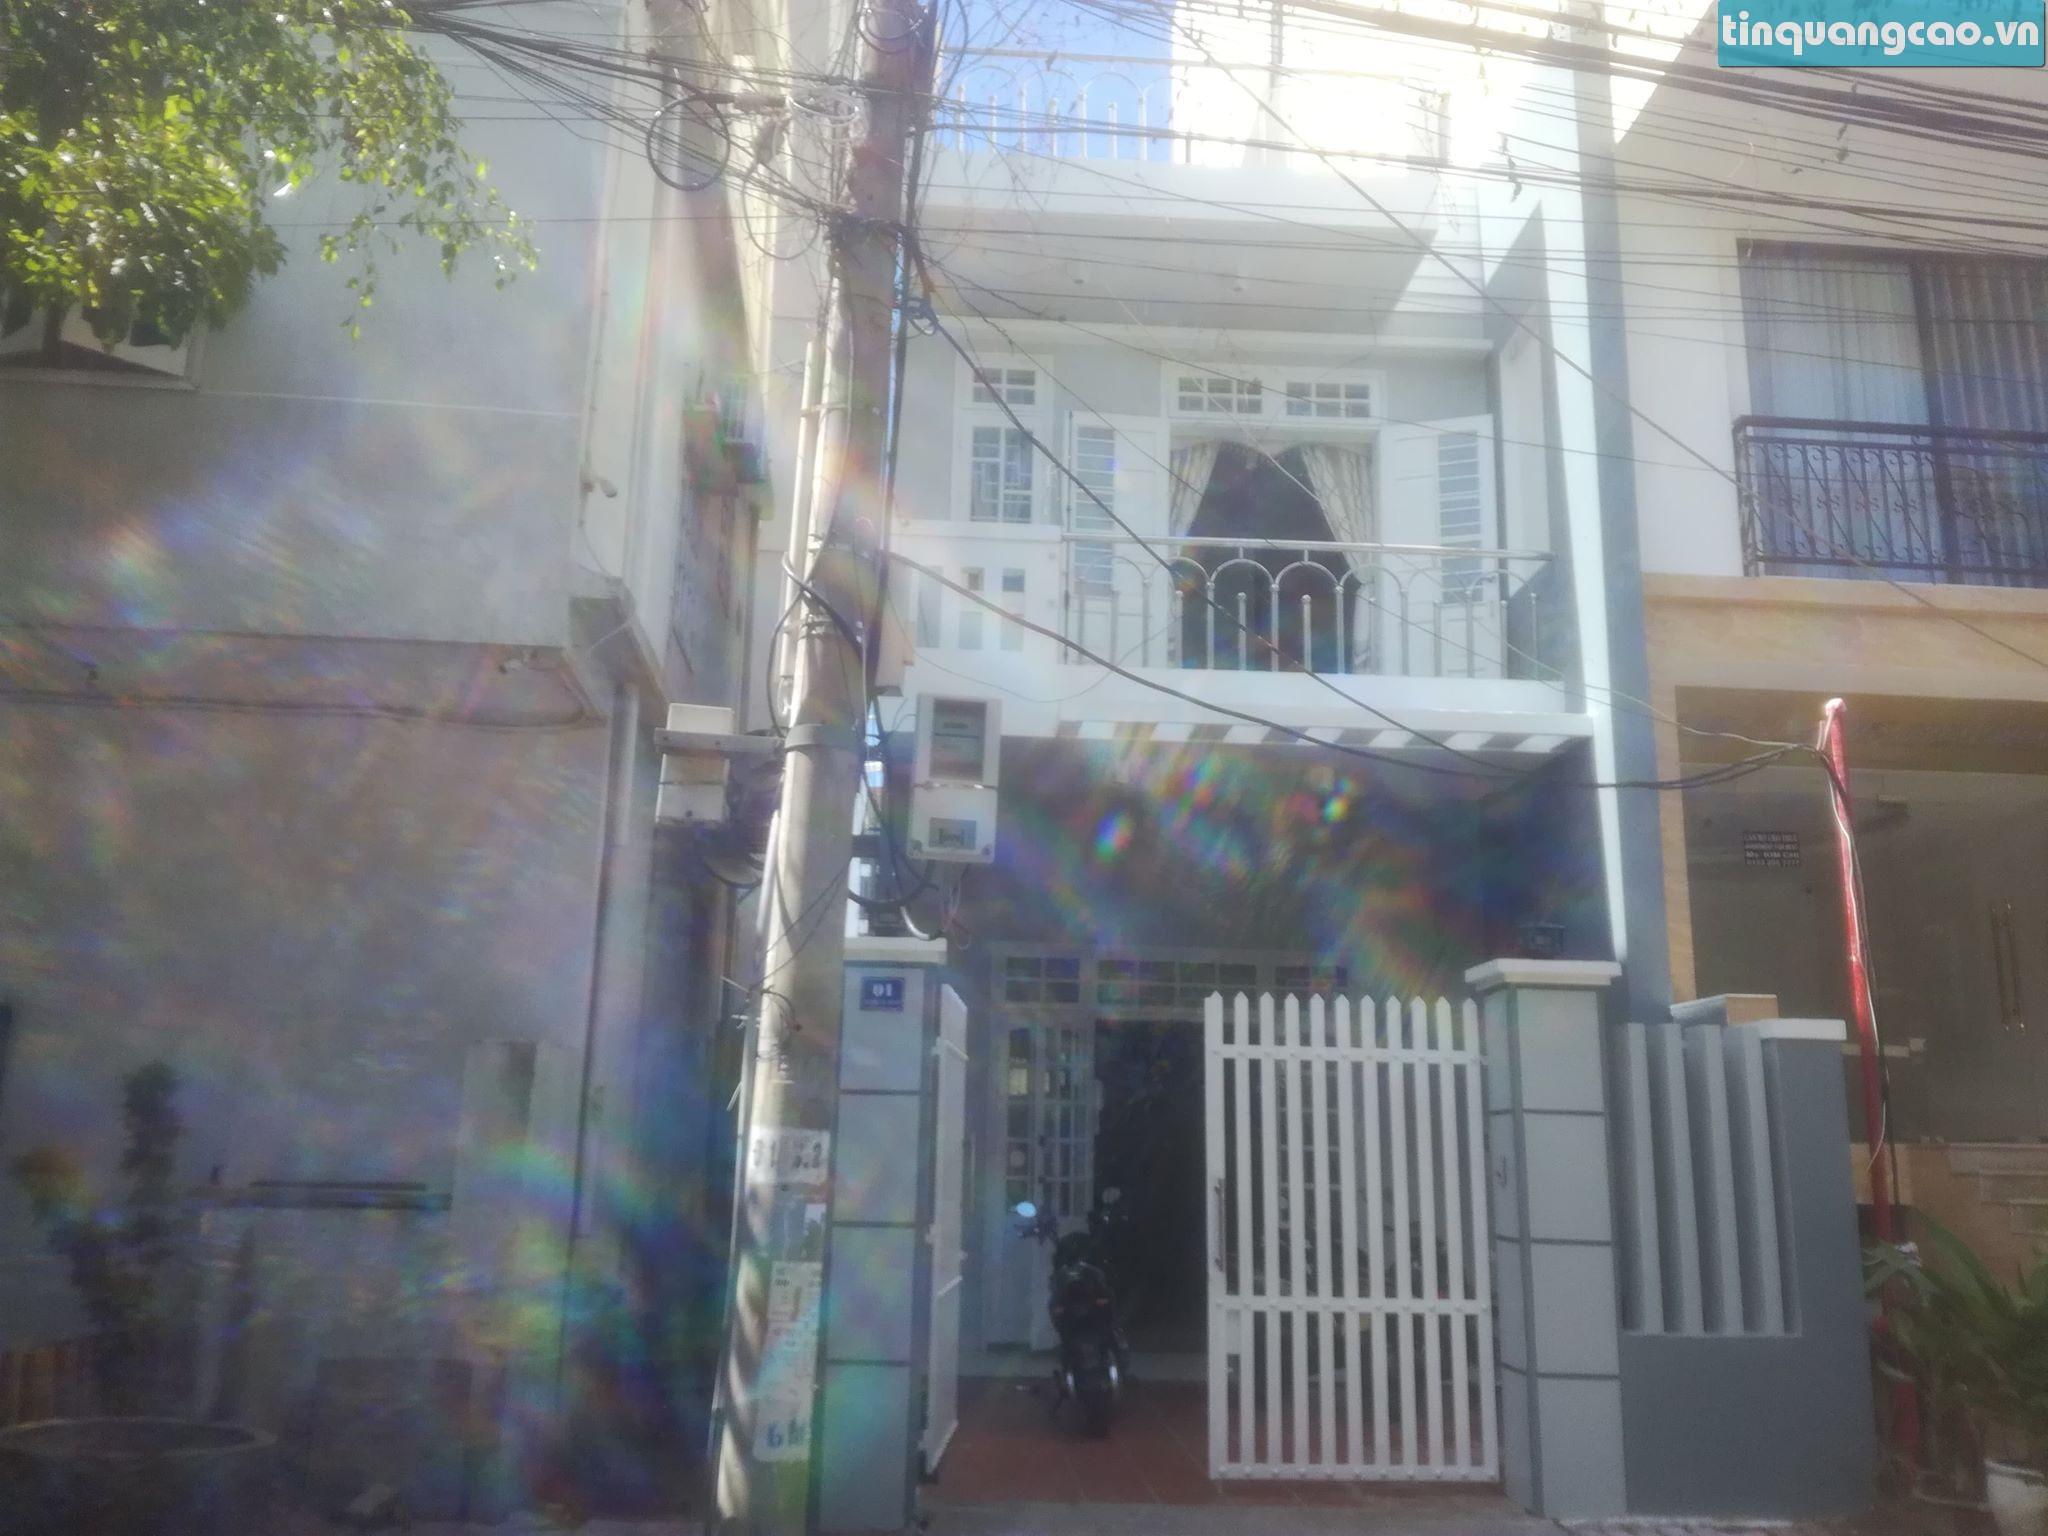 4 Cho thuê nhà mặt tiền số 1 đường Dương Tự Quán, phường Mỹ An, quận Ngũ Hành Sơn